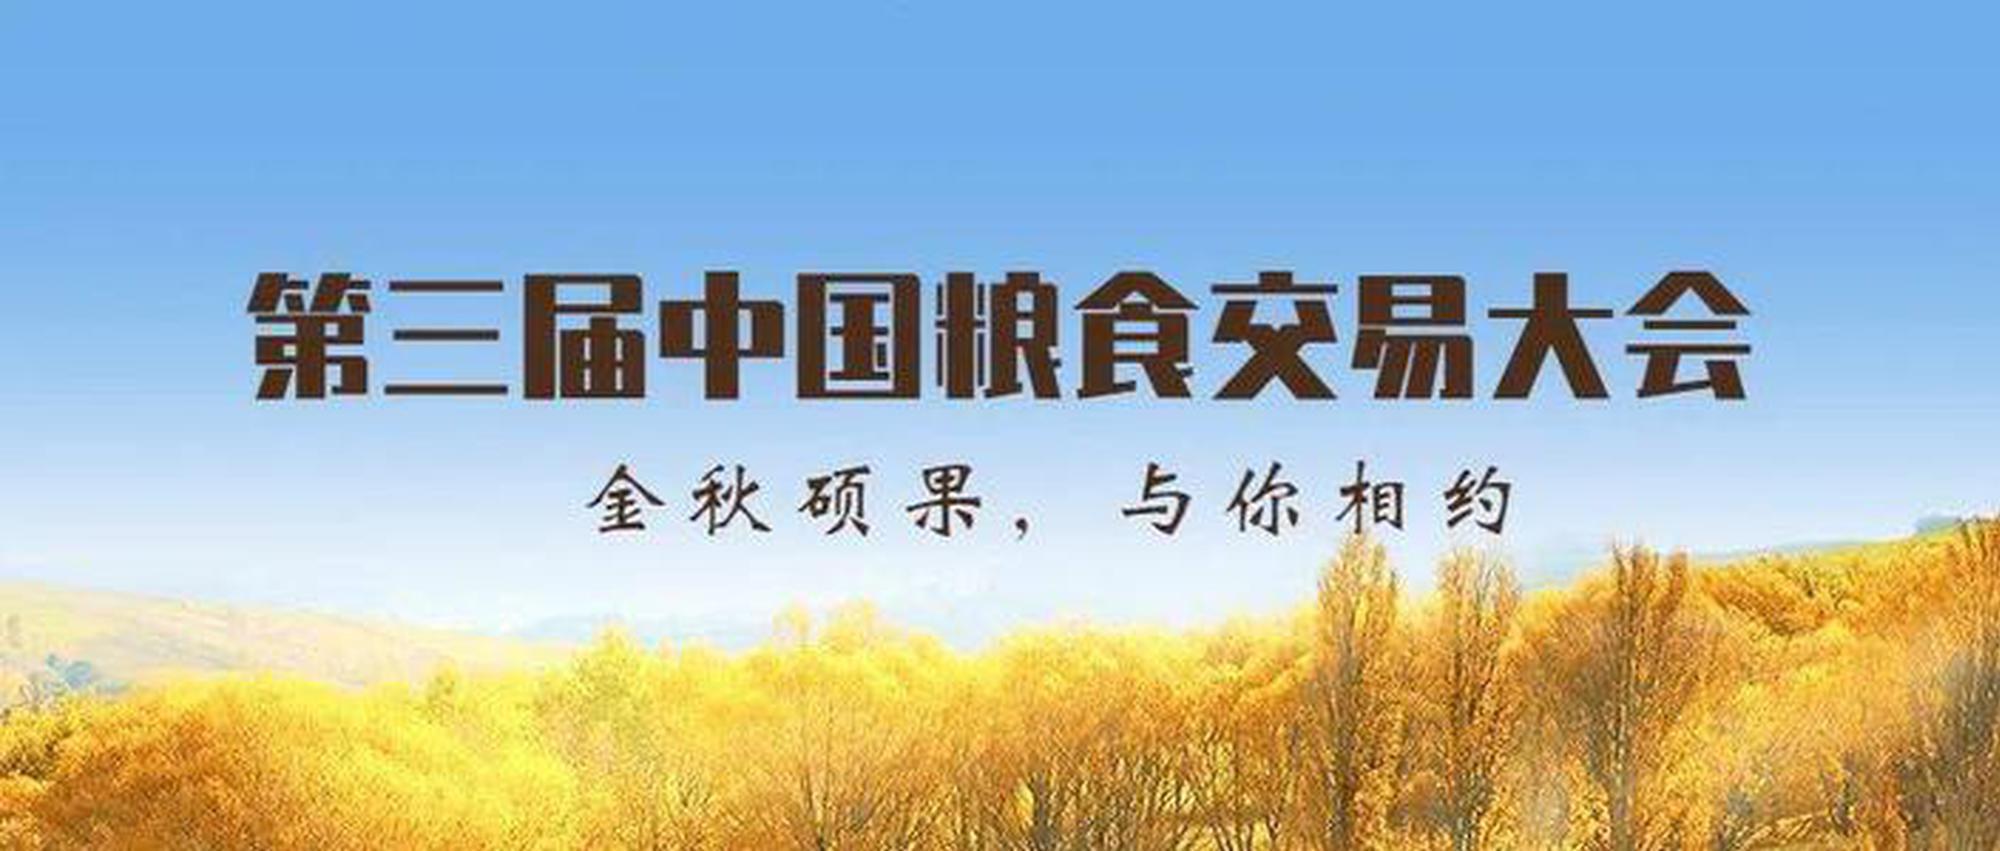 第三届中国粮食交易大会山西代表团总成交13.13亿元